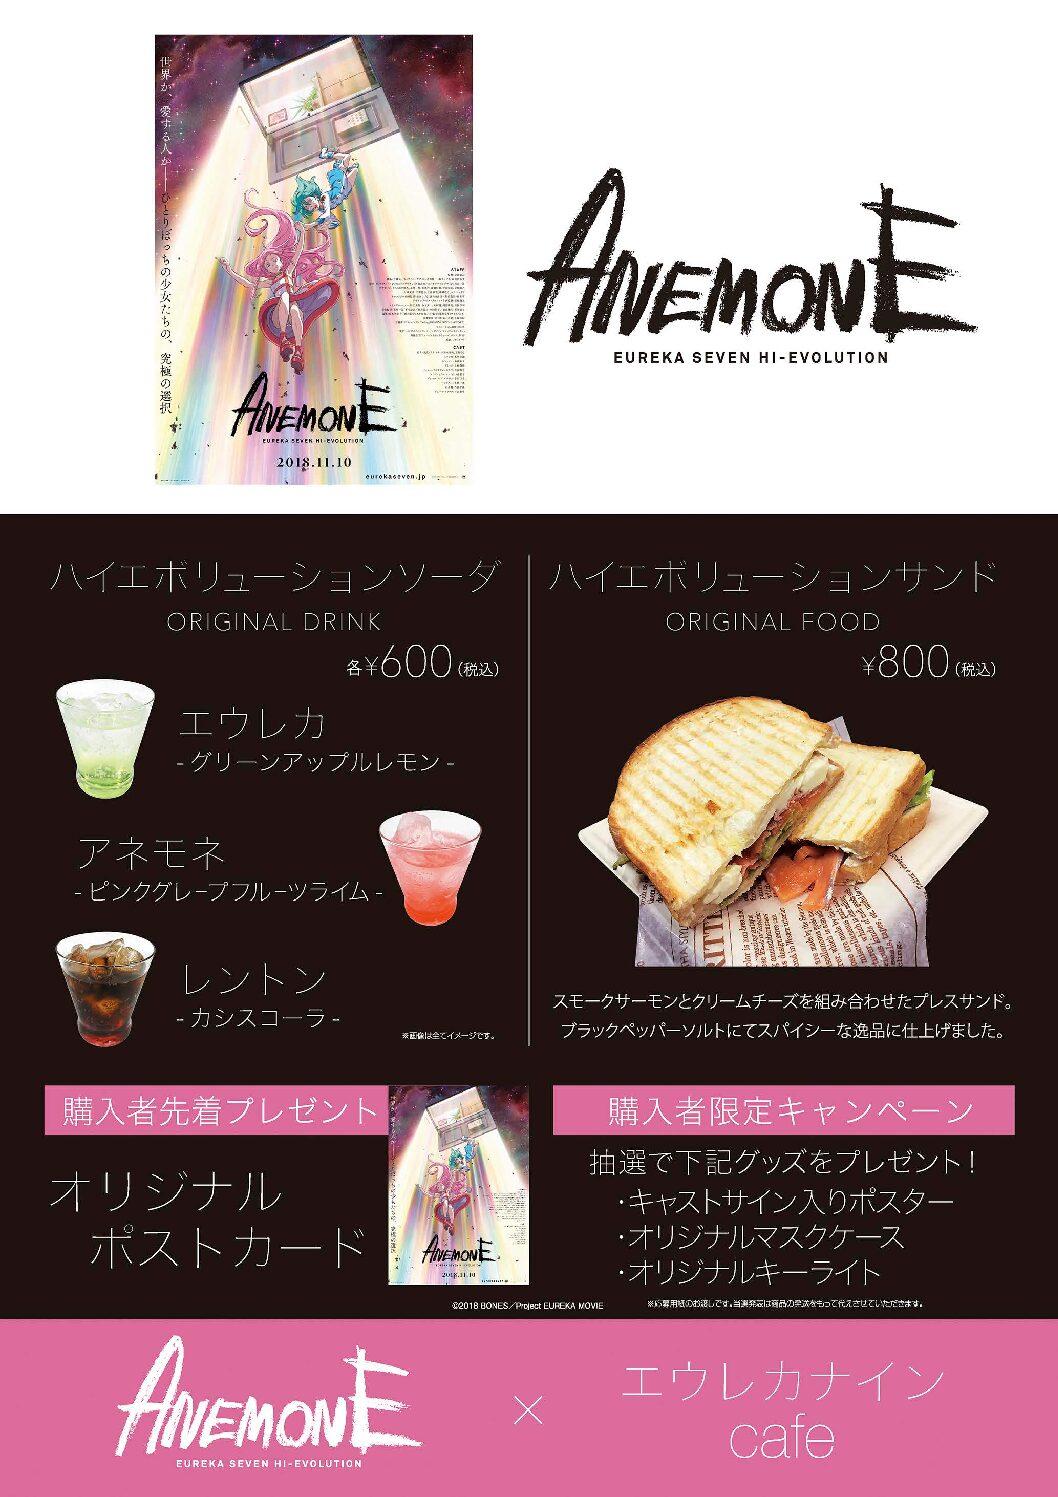 限定オリジナルドリンク「ハイエボリューションソーダ」販売決定!  10/26~新宿バルト9cafe oaseにて「エウレカナインcafe」始動!